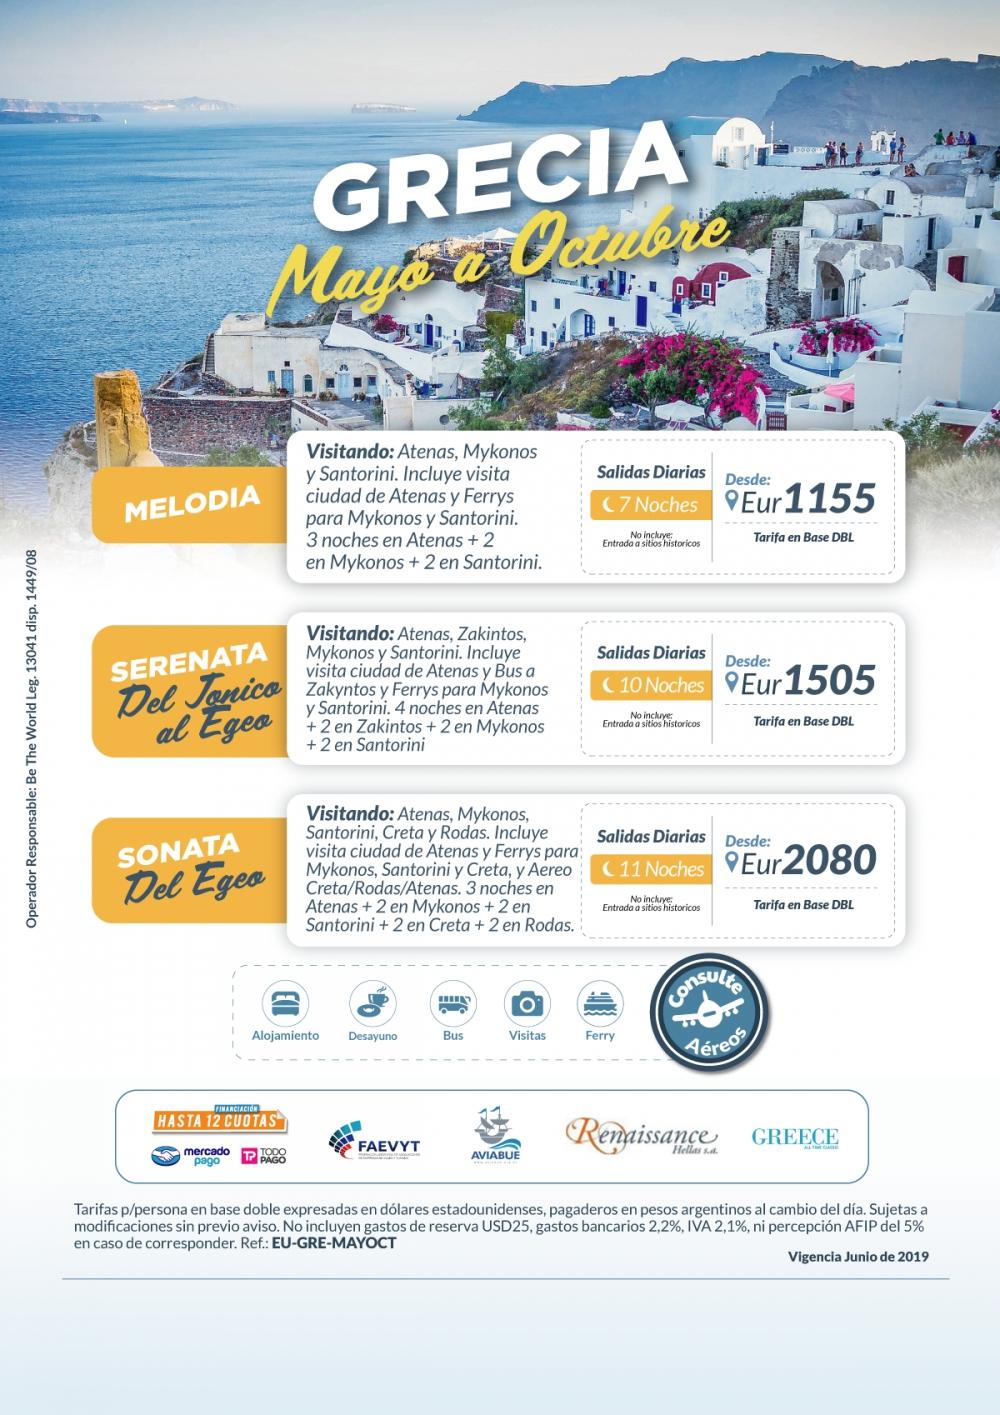 GRECIA - Mayo a Octubre